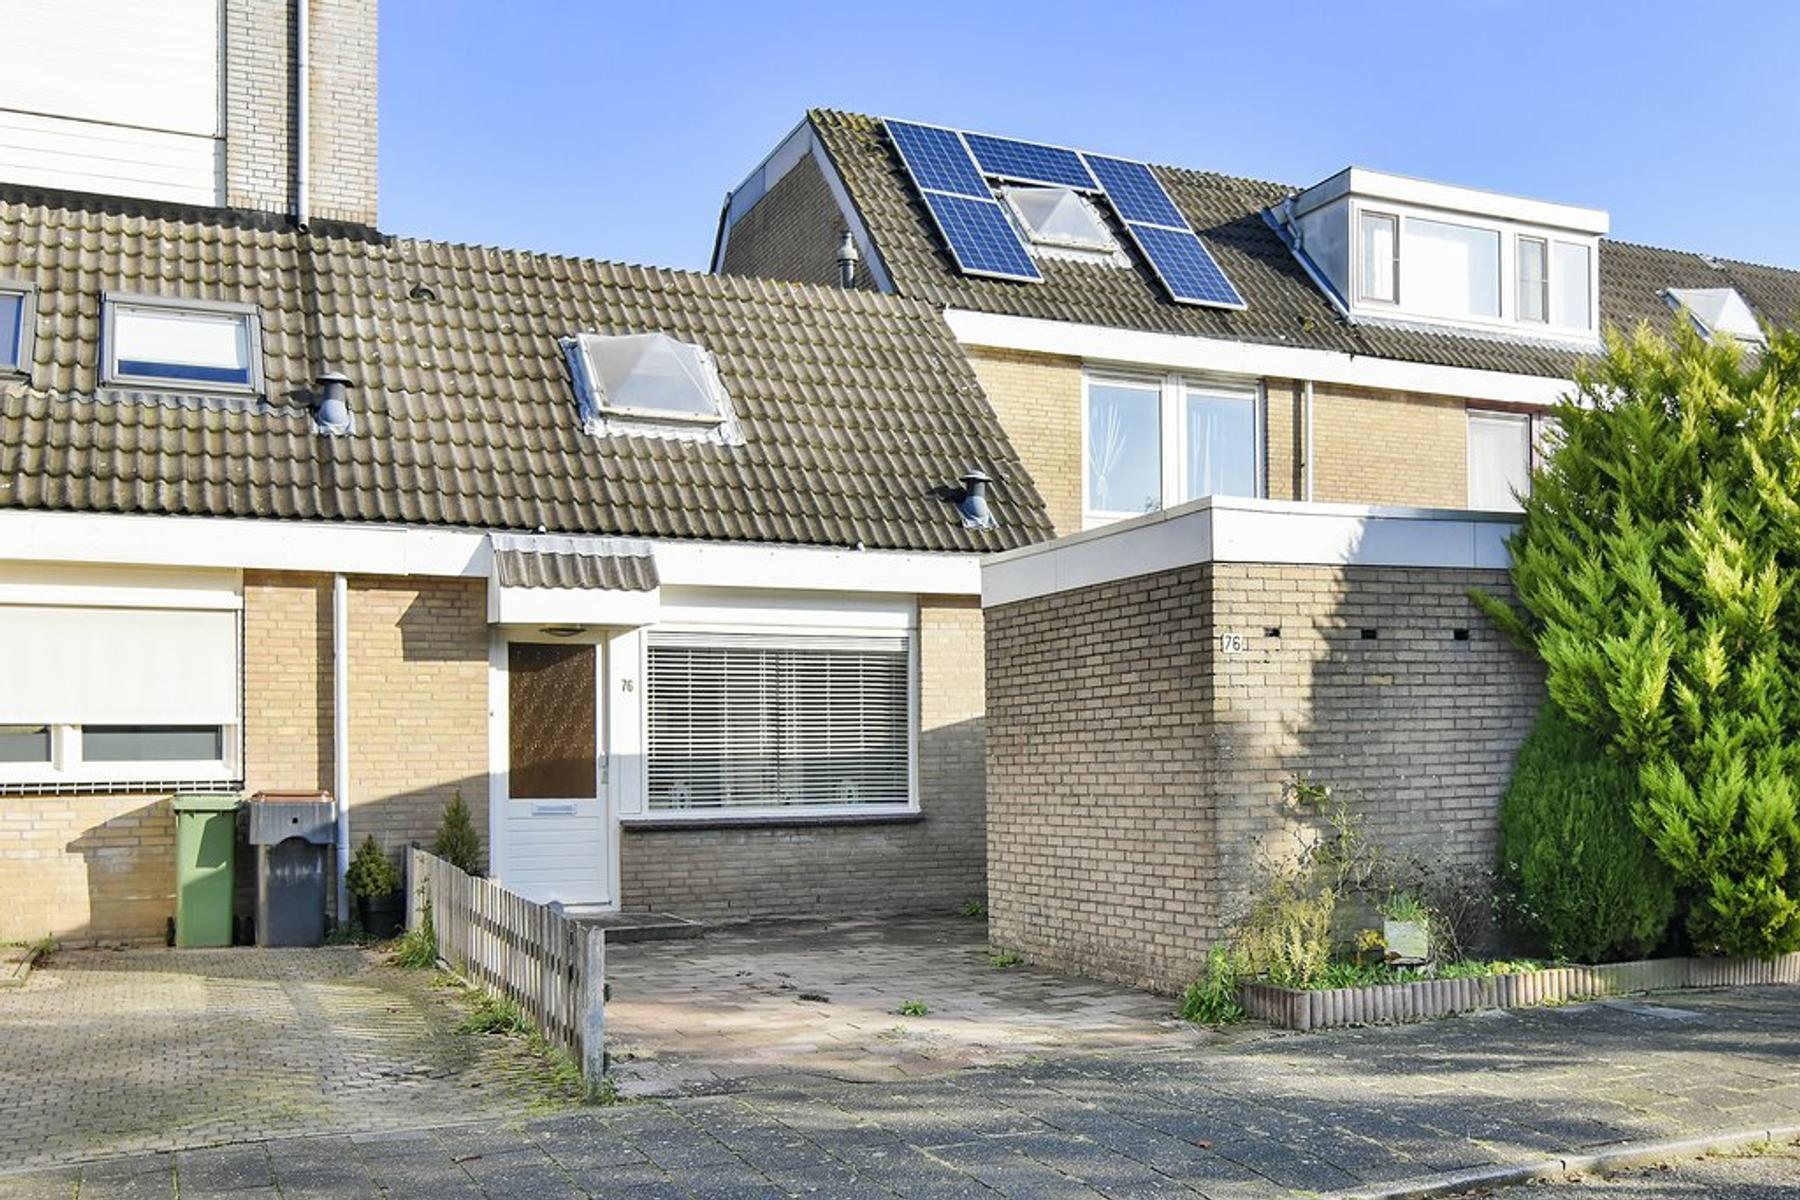 Florence Nightingalestraat 76 in Hoofddorp 2131 ED